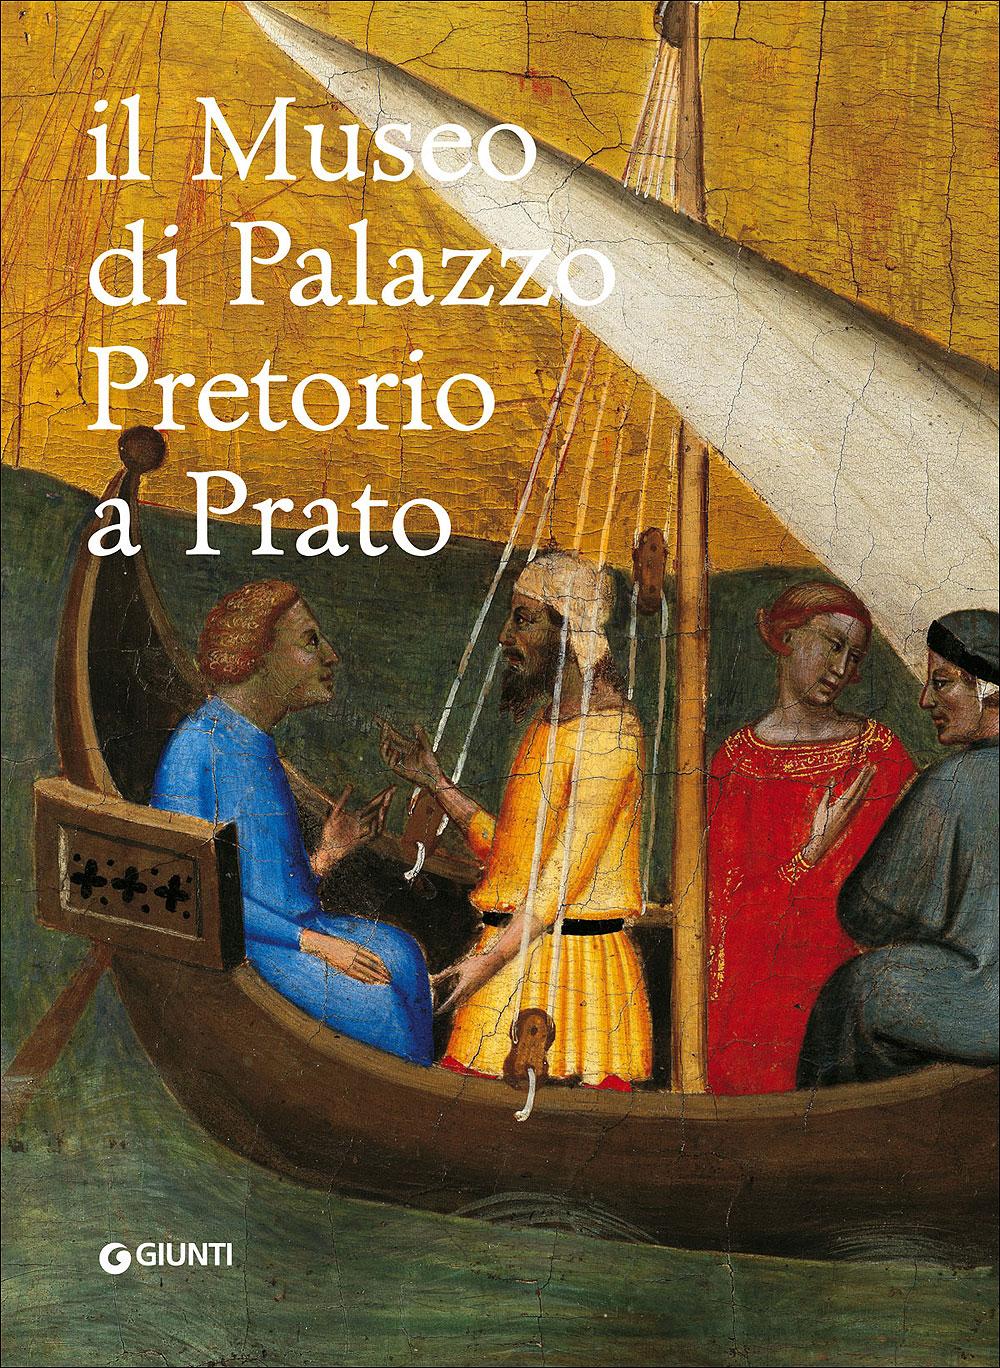 Il Museo di Palazzo Pretorio a Prato